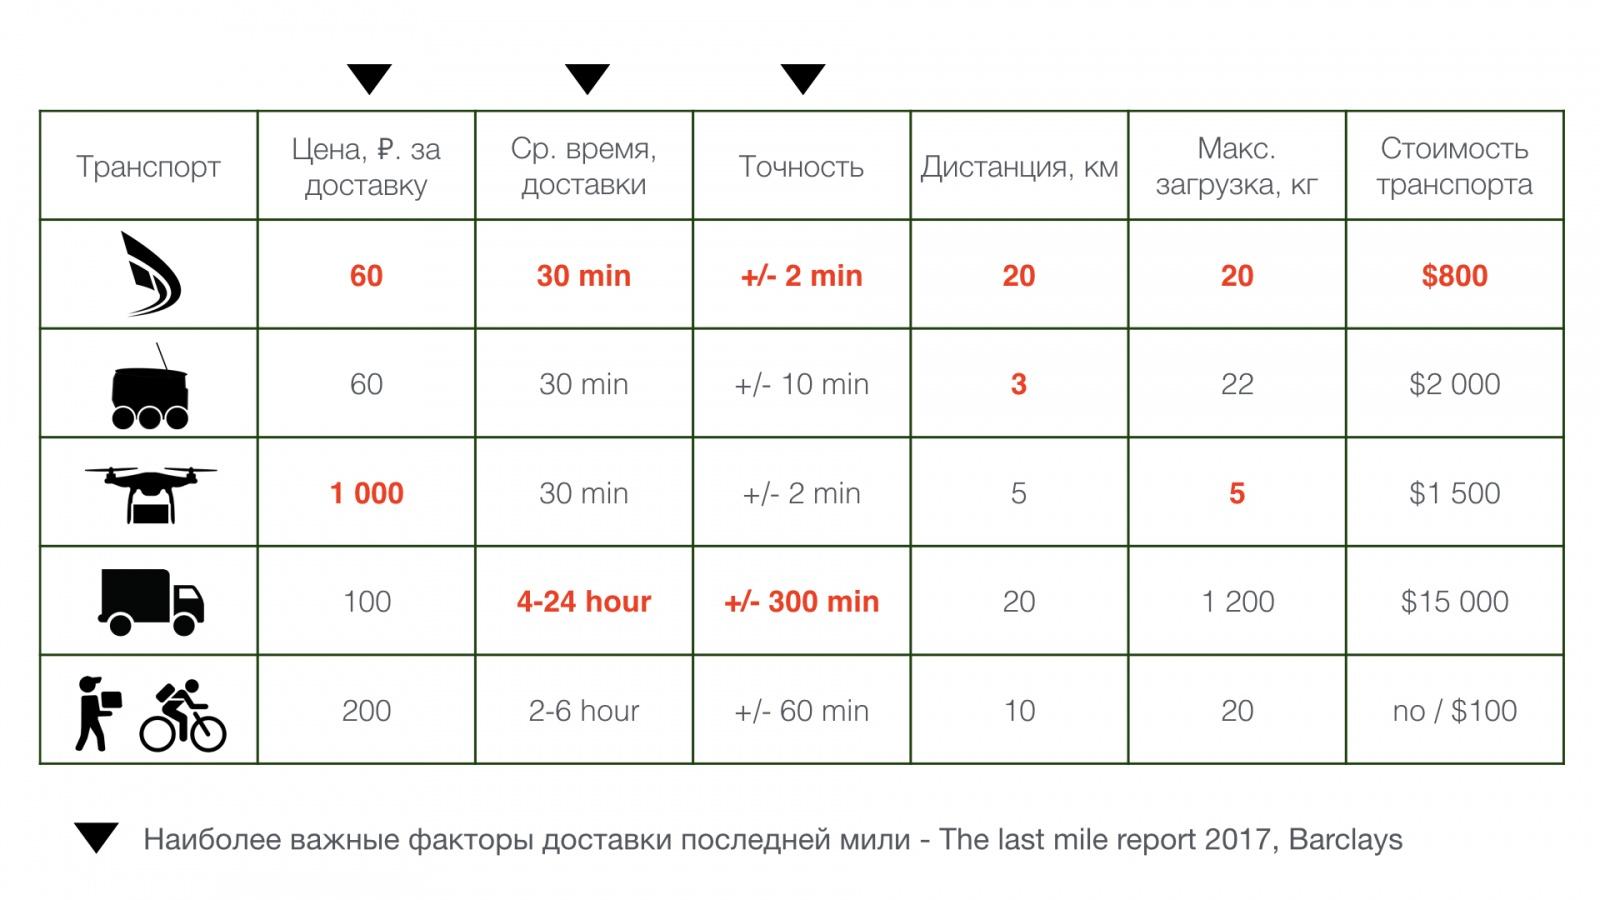 Робот-курьер — доставка за 30 минут, или как в России построить будущее - 8